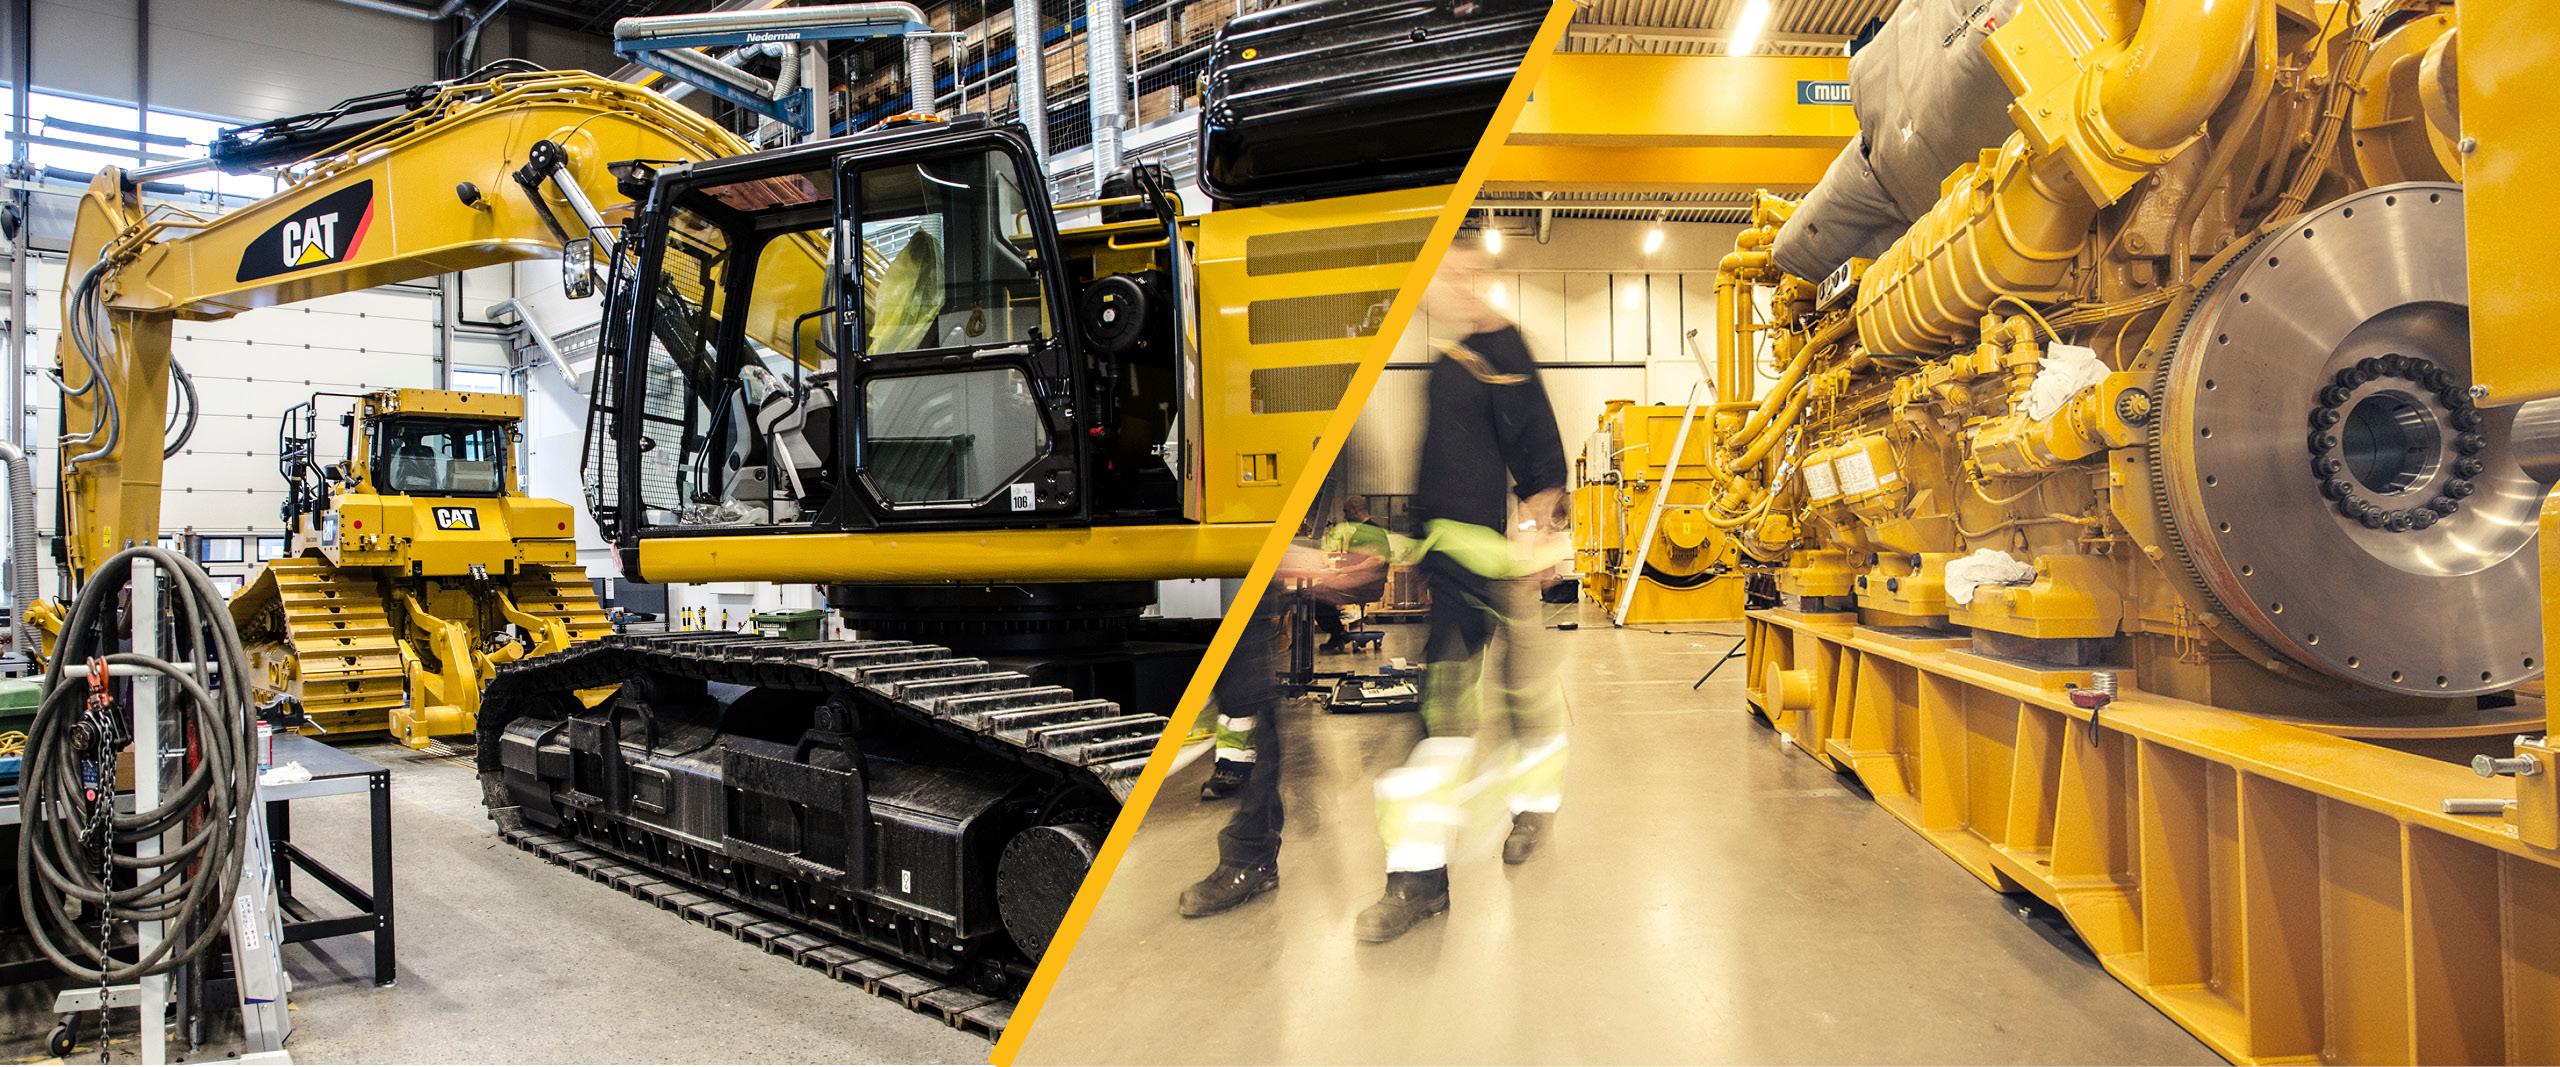 Services | Cat machines | Pon Equipment